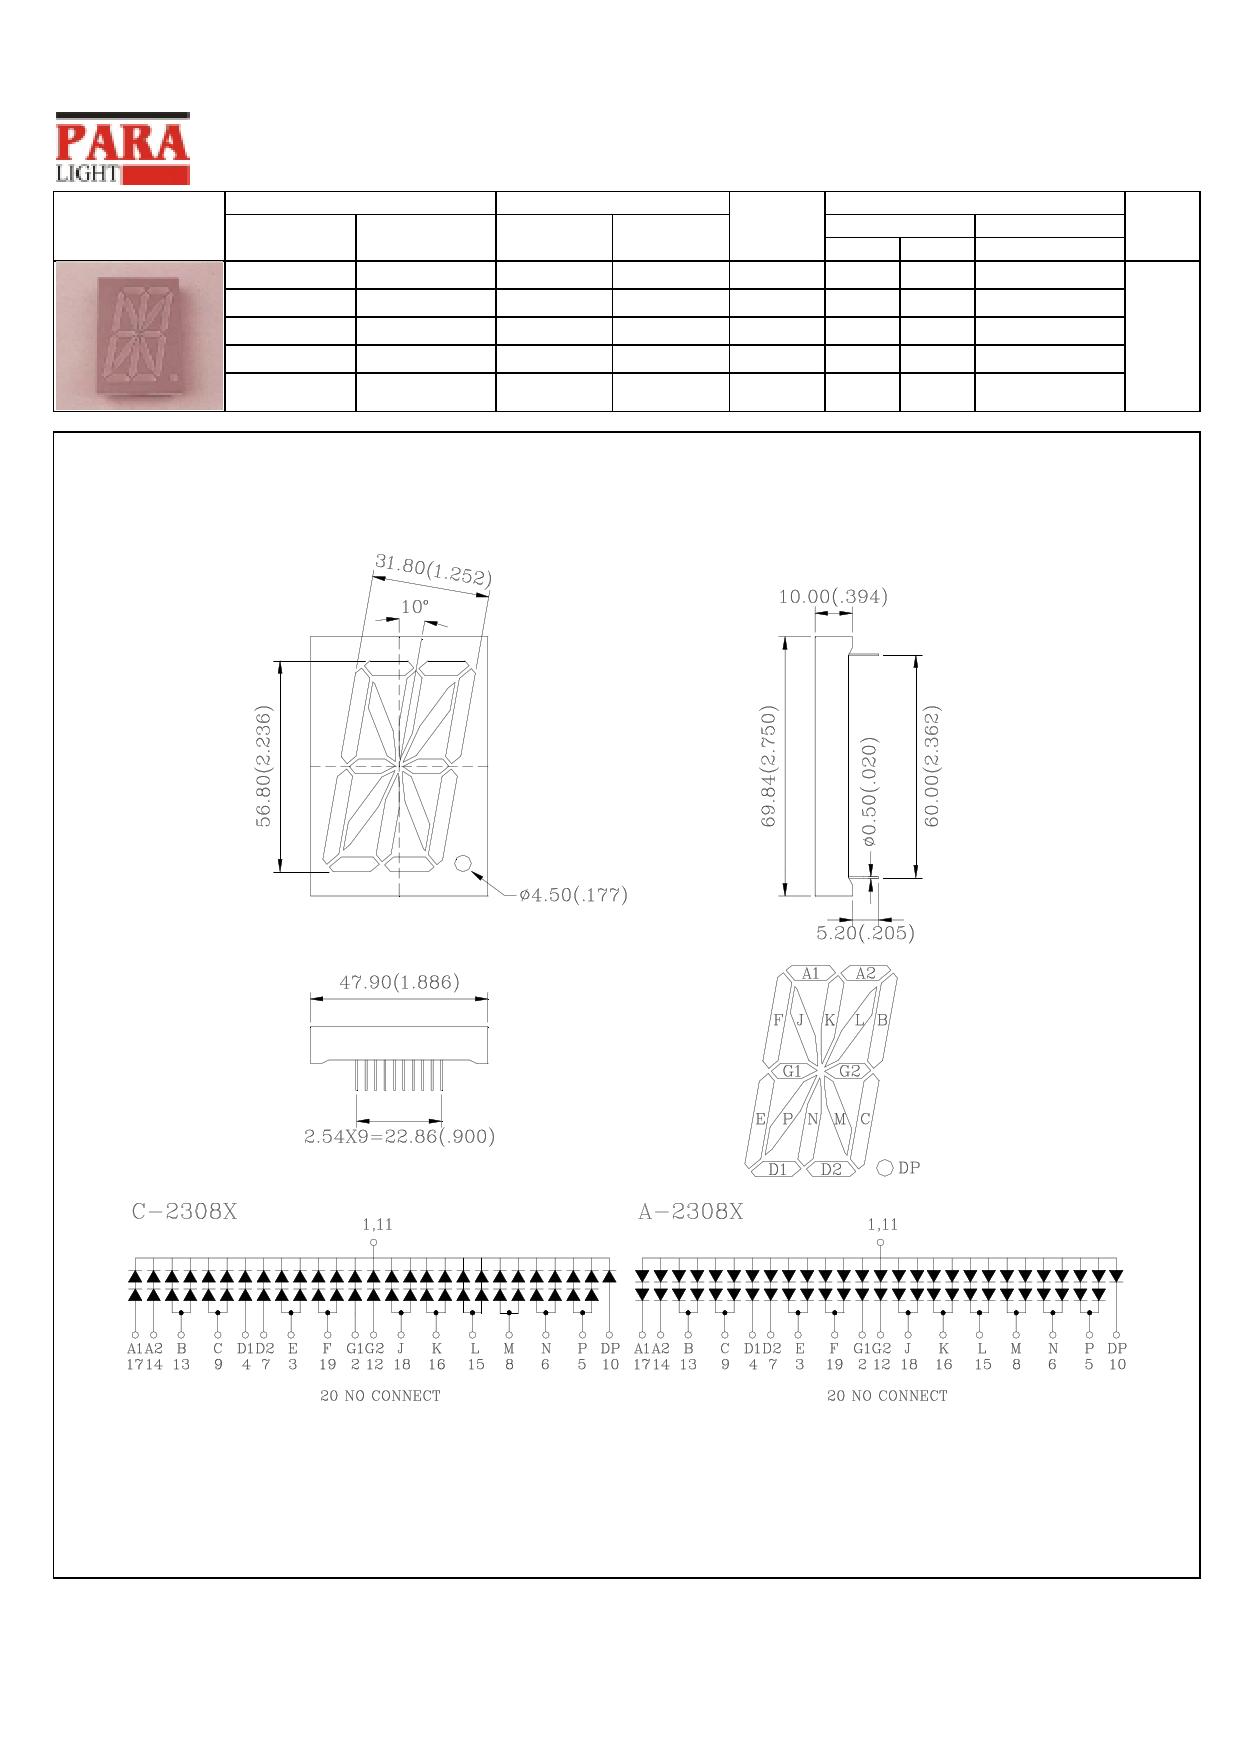 C-2308H Datenblatt PDF